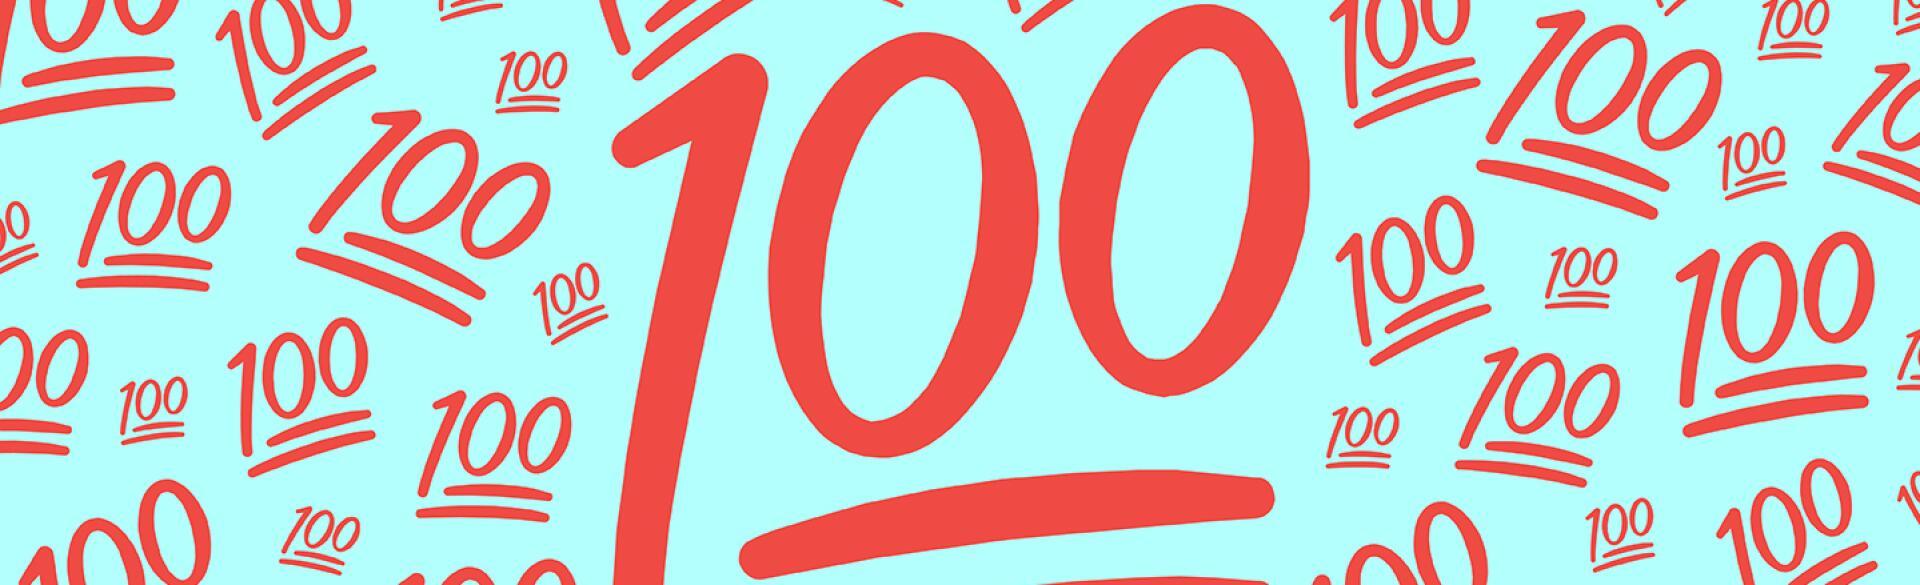 keeping_it_100_emoji_1440x584.jpg